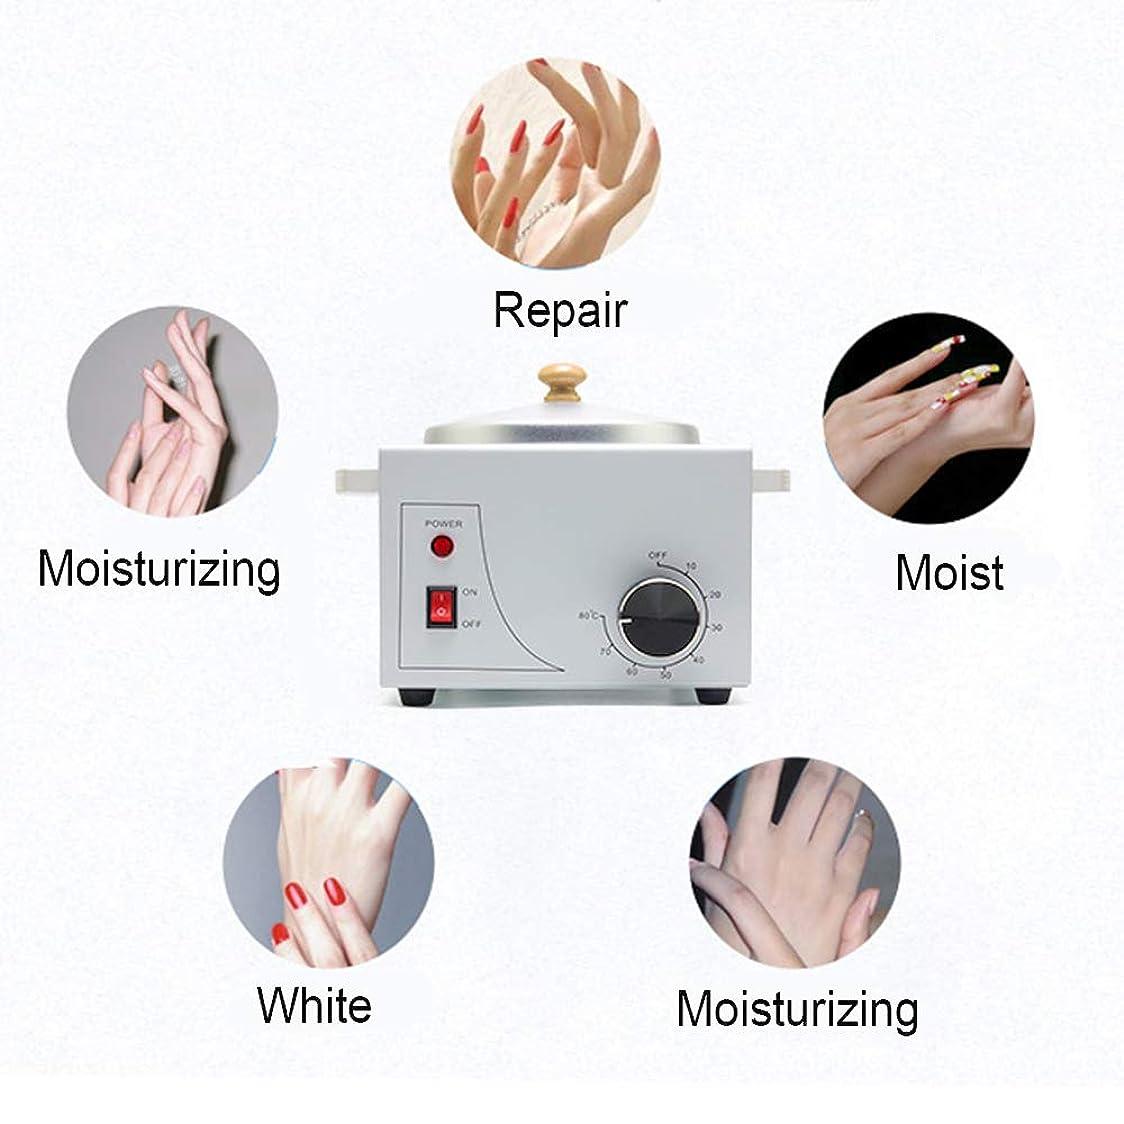 タワー強要誠意携帯用電気ホットワックスウォーマーマシン可変温度での脱毛、プロフェッショナルシングルポット電気ワックスウォーマーマシンの